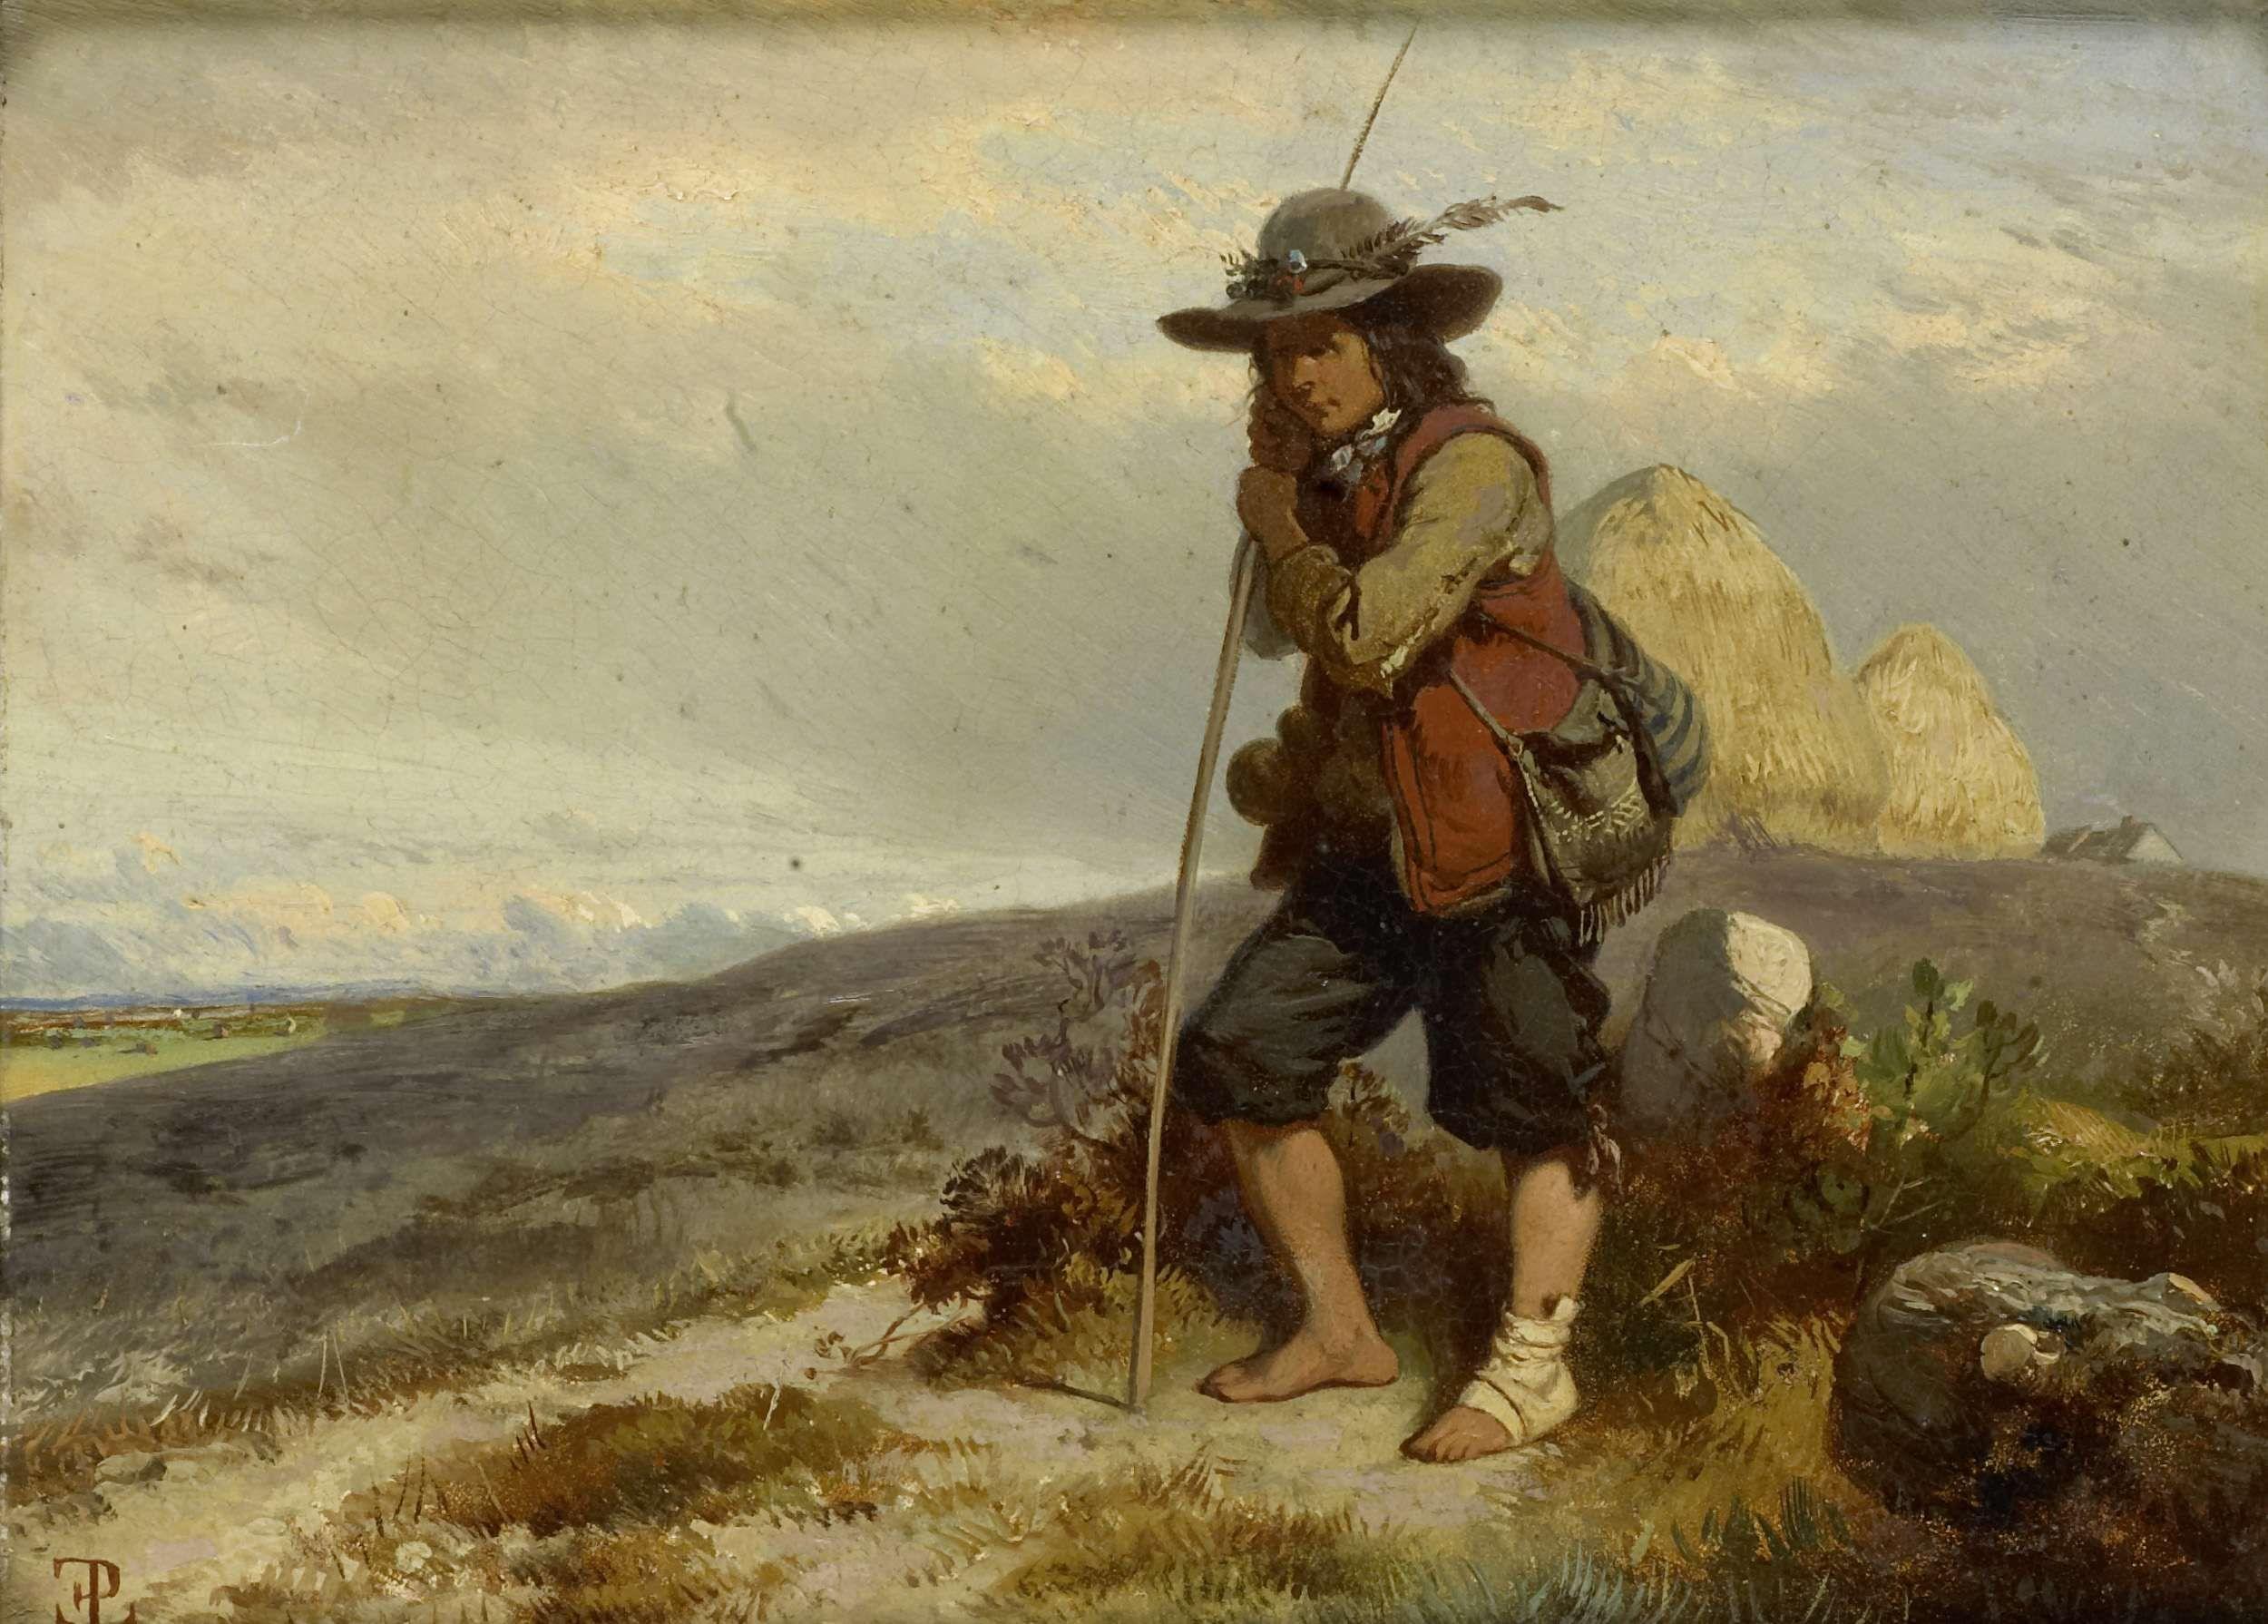 Eugène Modeste Edmond Lepoittevin | Herdersjongen, Eugène Modeste Edmond Lepoittevin, 1840 - 1870 | Een herdersjongen staande op een heuveltop, leunend op zijn staf. Rechts hooibergen en een boerderij.